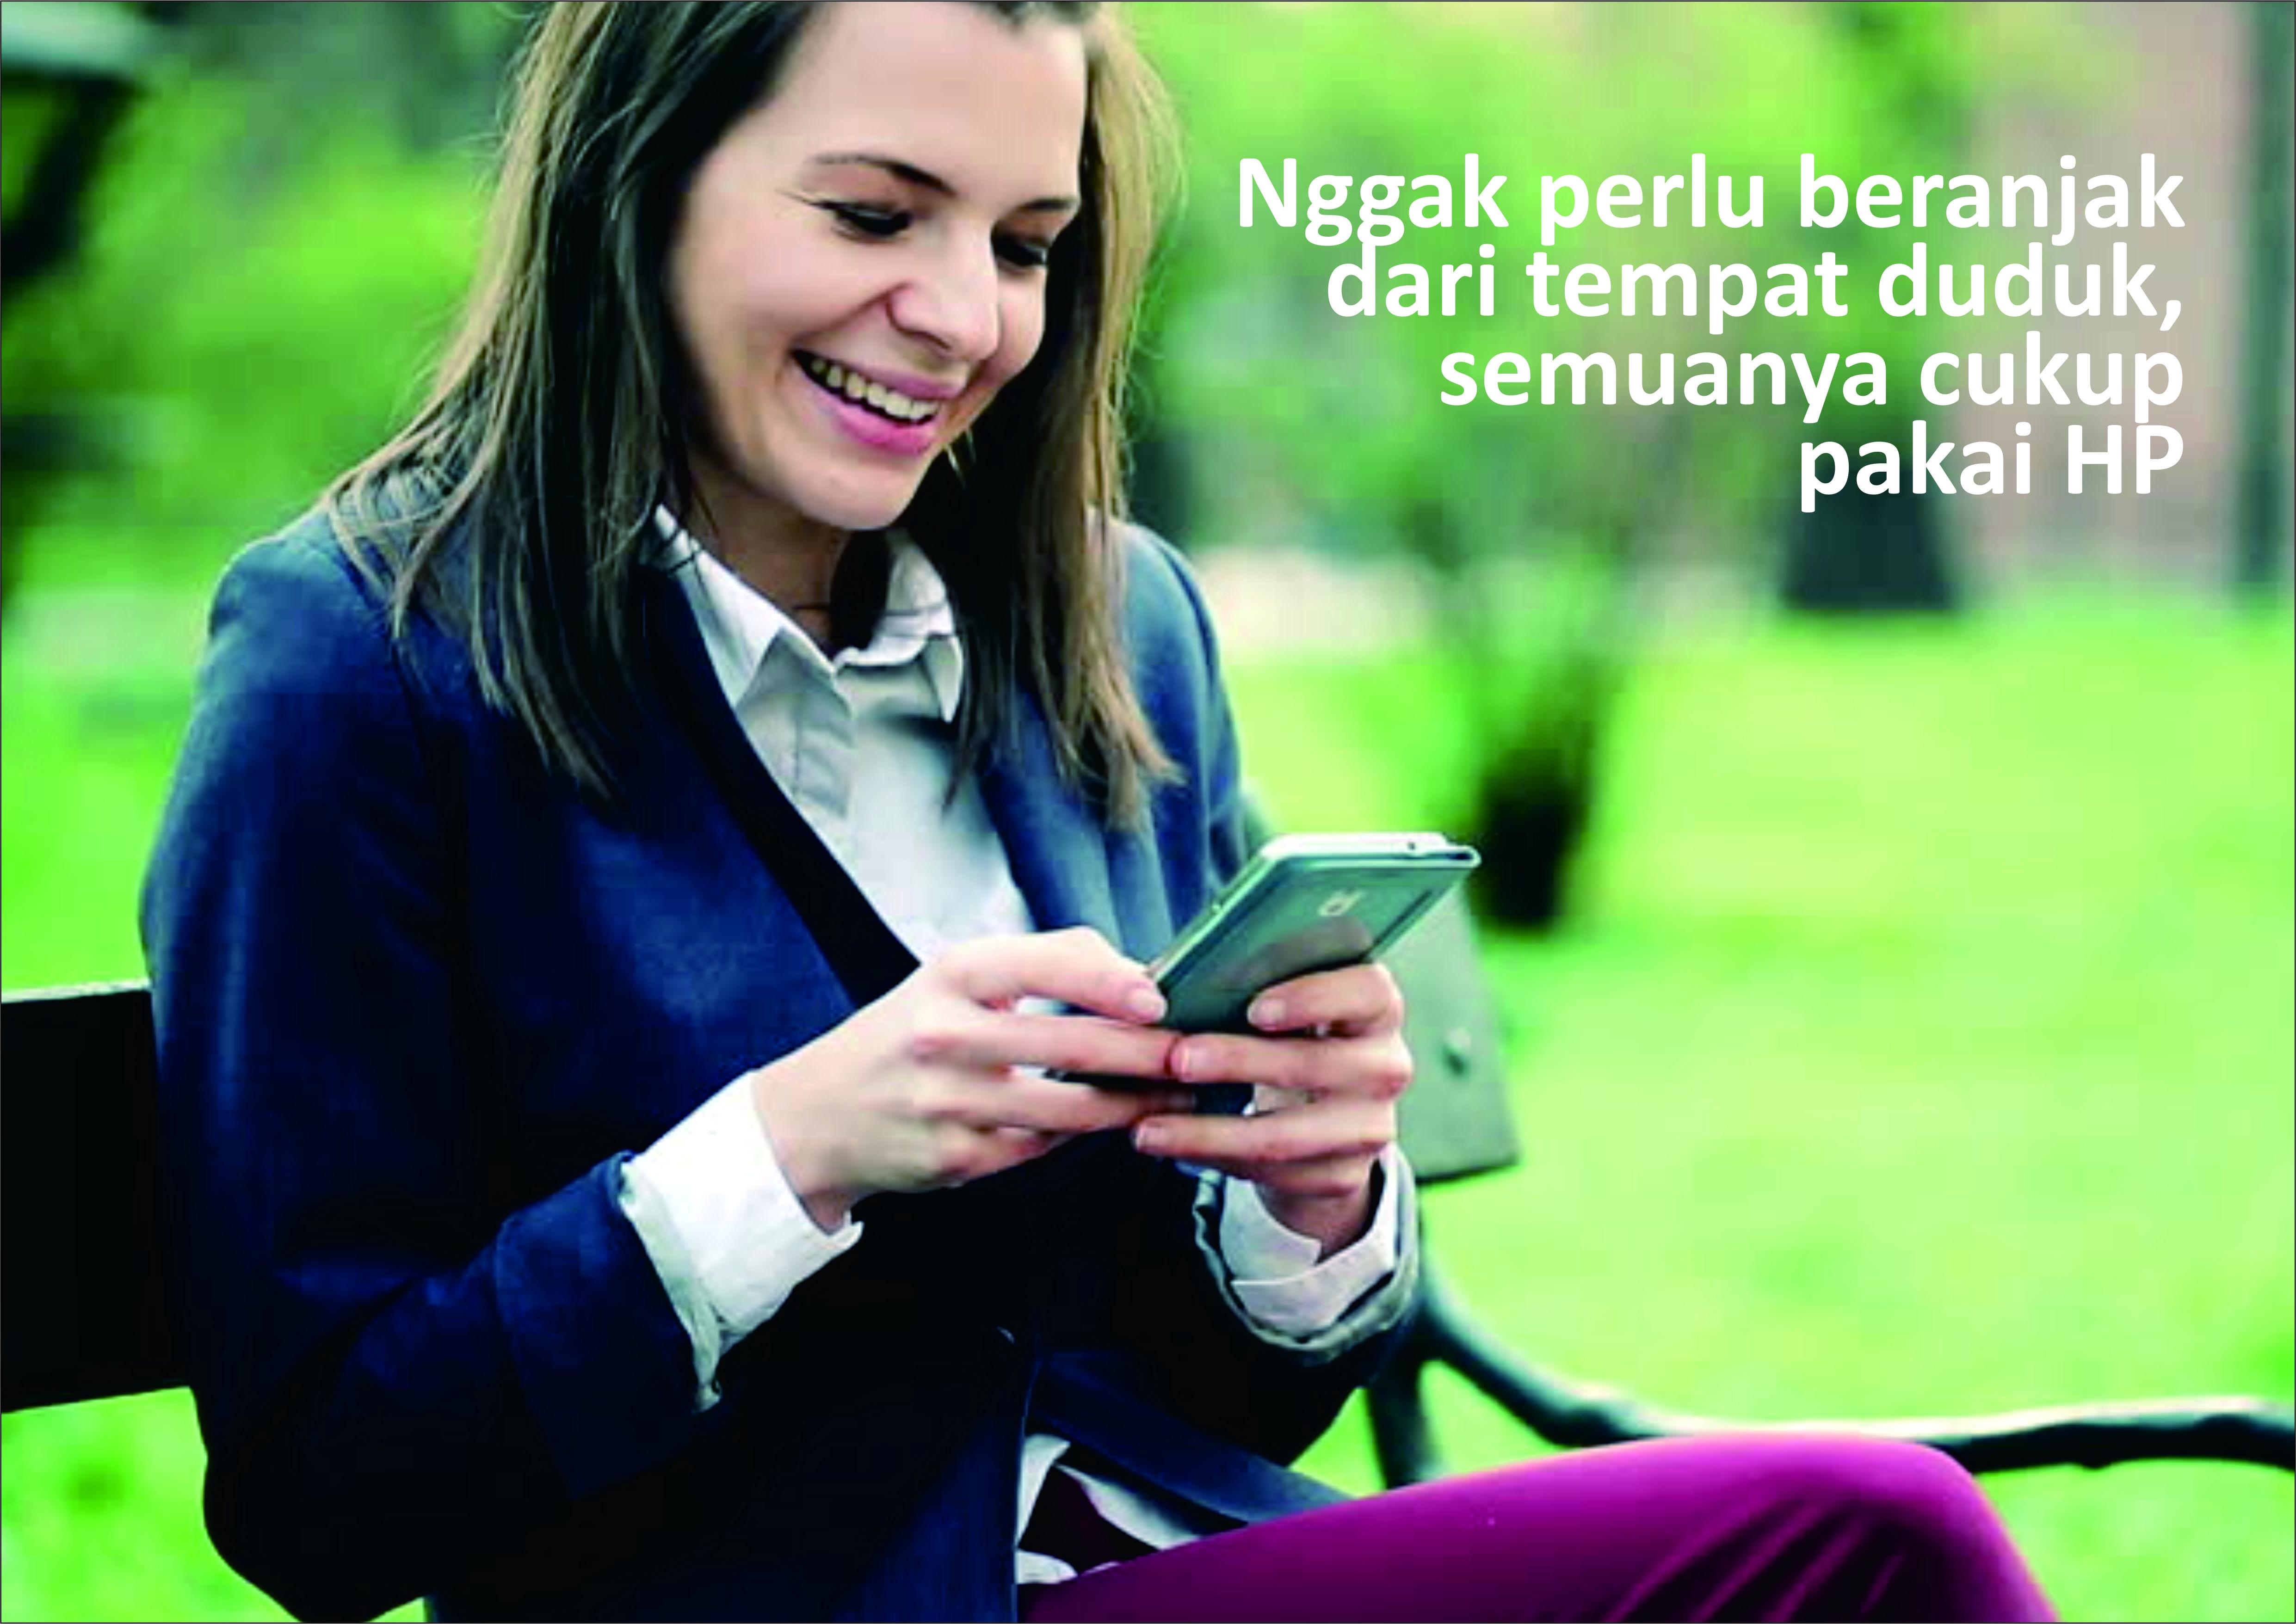 Peluang Usaha Sampingan dan Bisnis Online menjadi Reseller ...